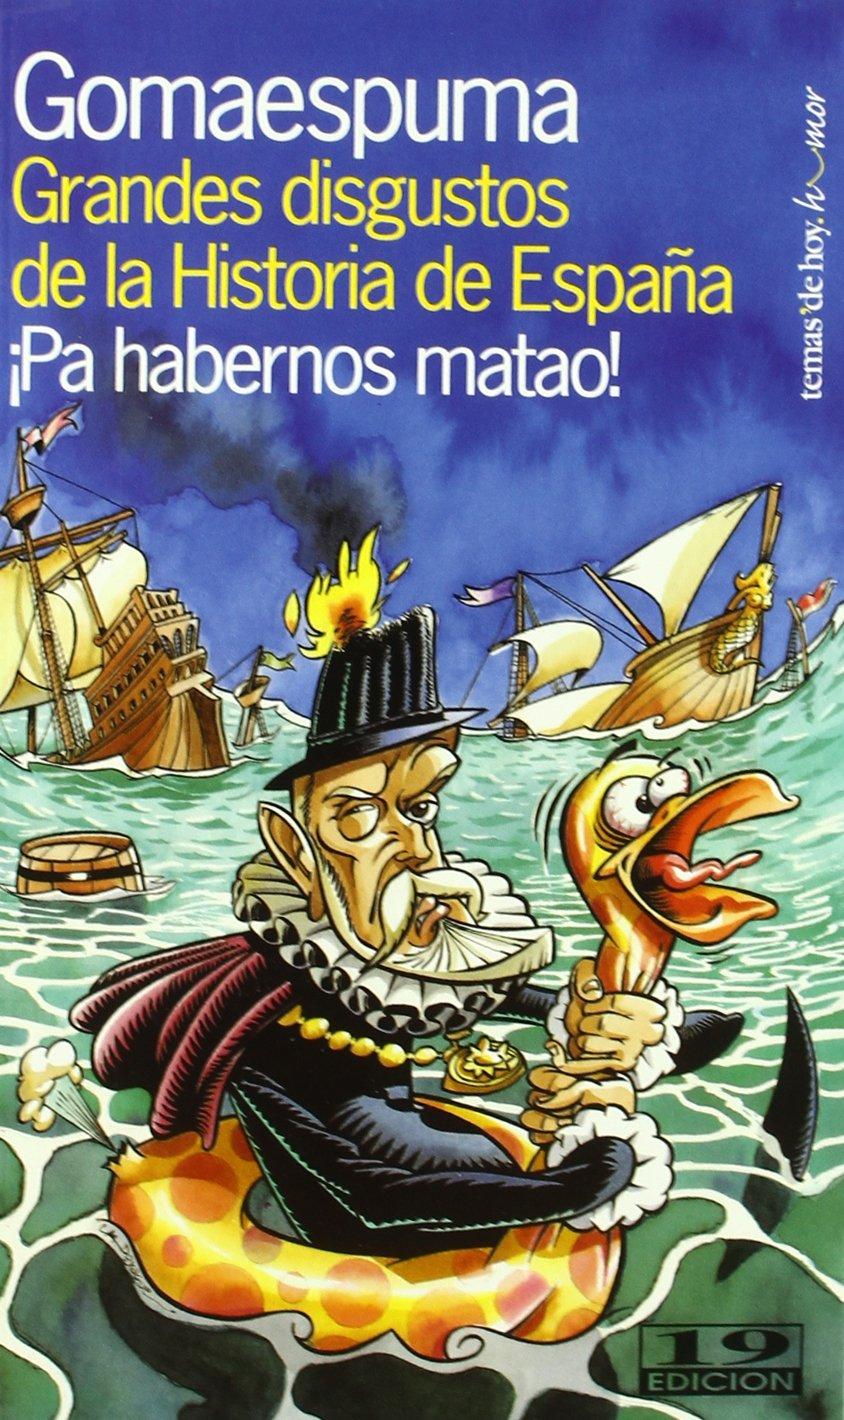 Grandes disgustos de la Historia de España Fuera de Colección: Amazon.es: Gomaespuma: Libros